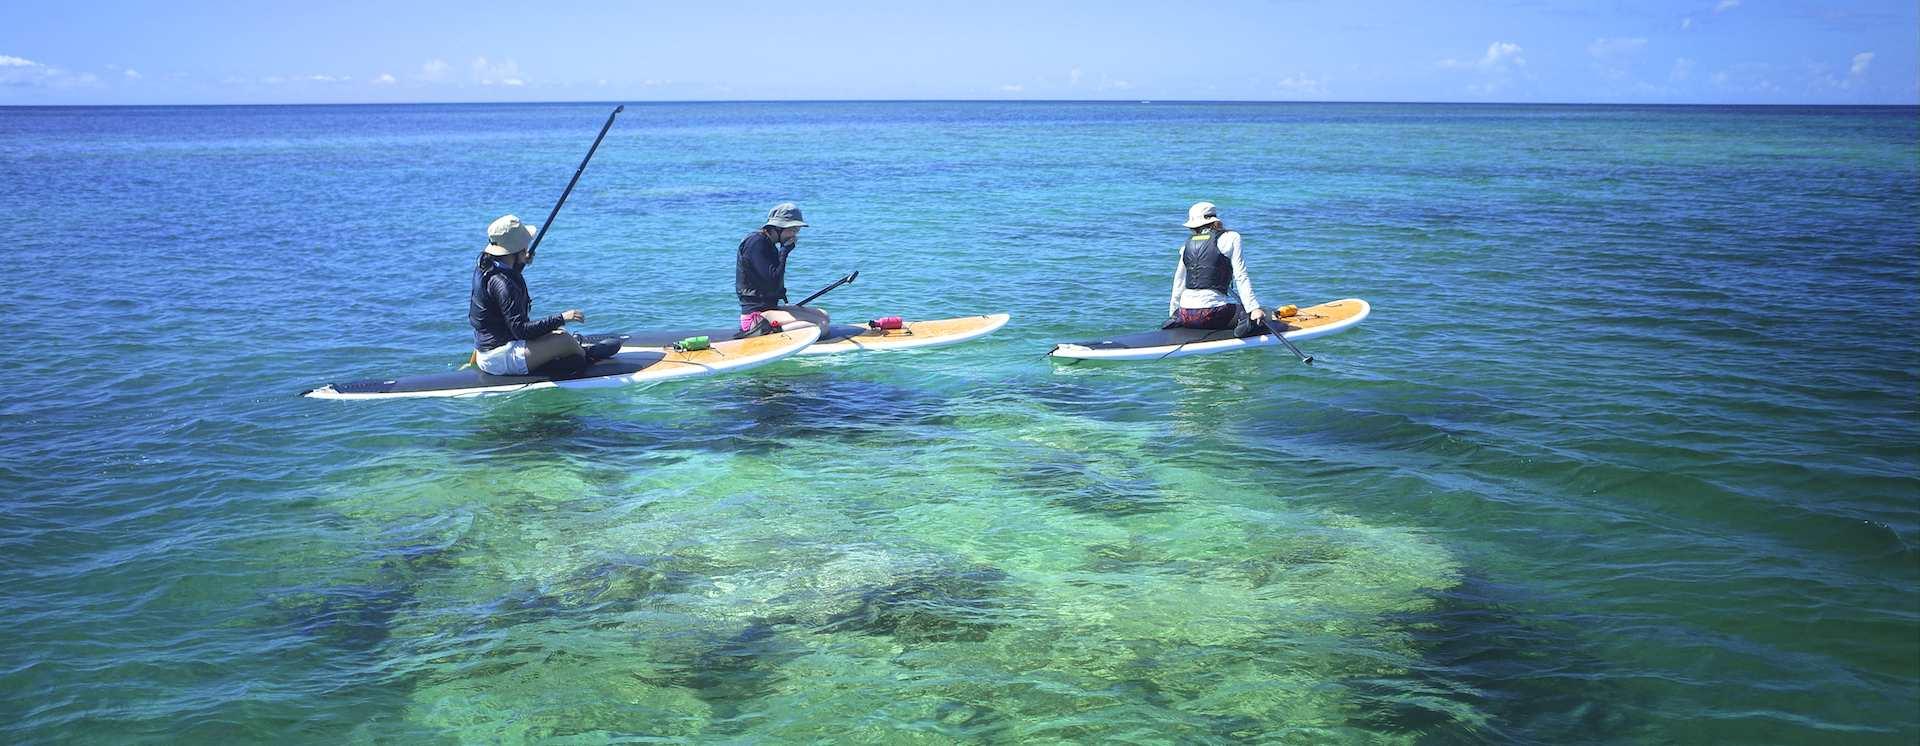 700歳の巨大サンゴの上でSUPを漕ぐ